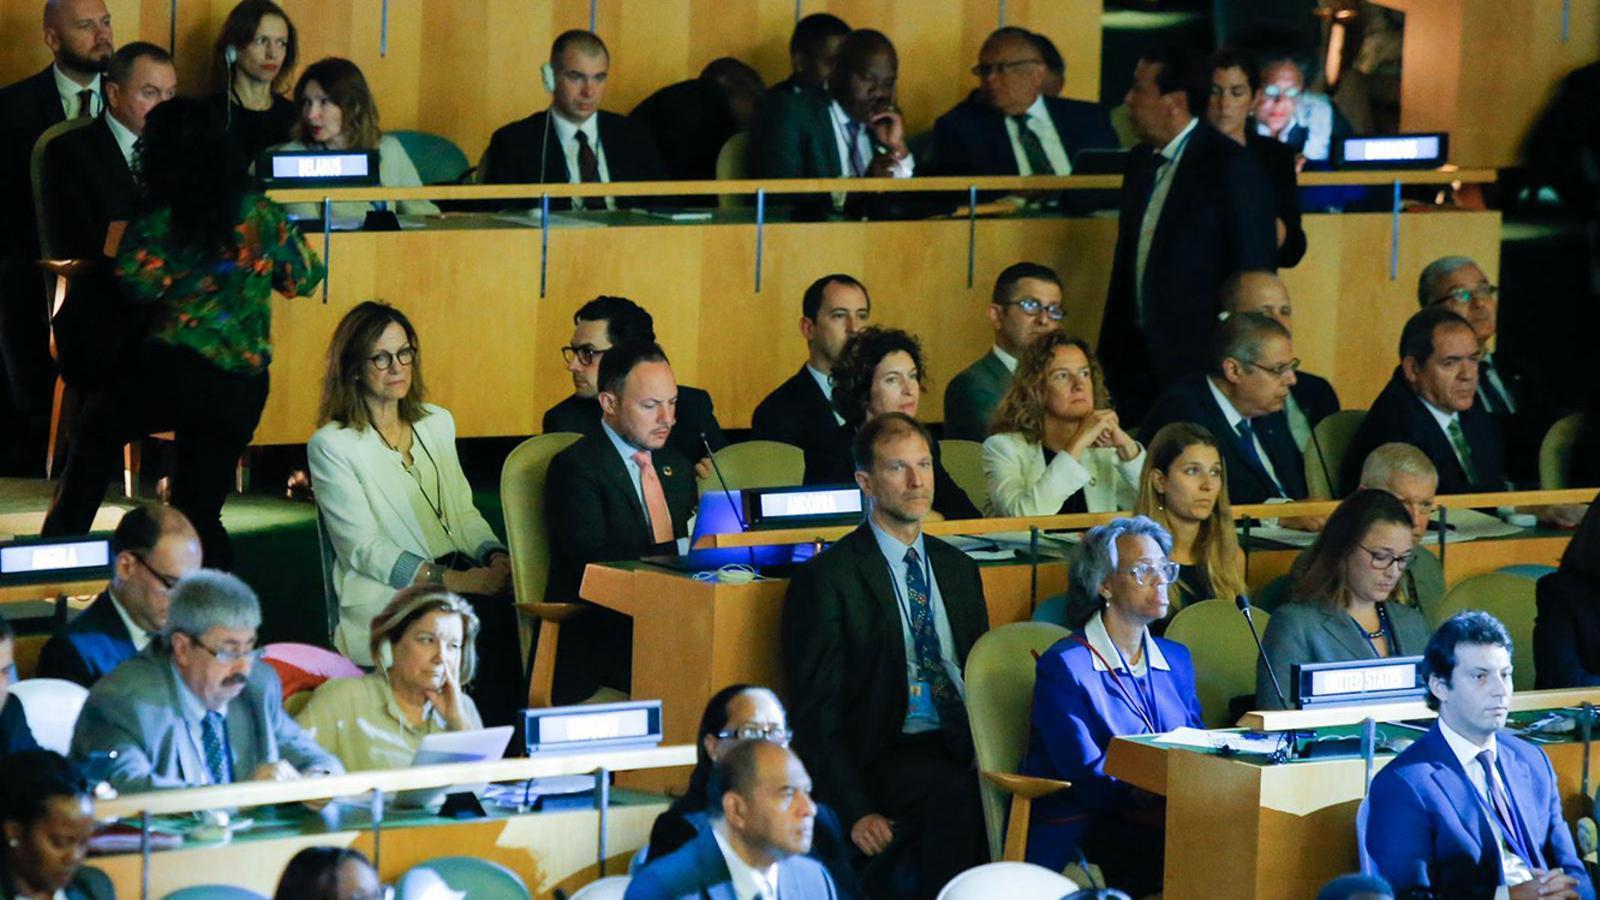 La delegació andorrana, integrada pel cap de Govern, Xavier Espot, i les ministres d'Afers Exteriors i Medi Ambient, Maria Ubach i Sílvia Calvó. / SFG